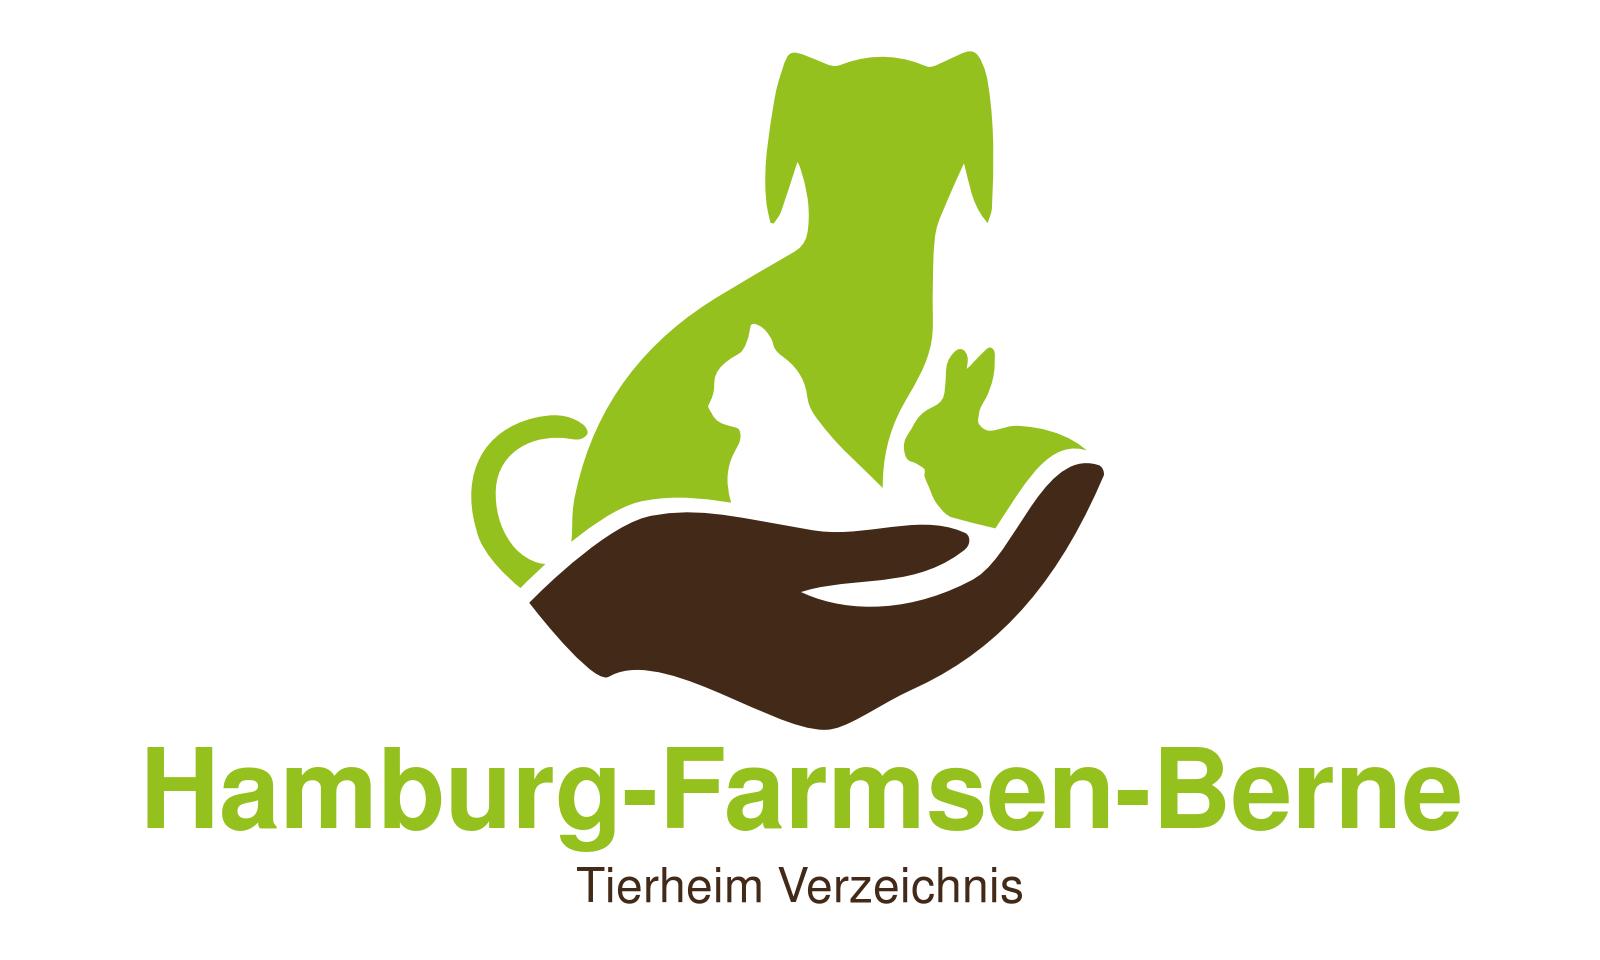 Tierheim Hamburg Farmsen-Berne